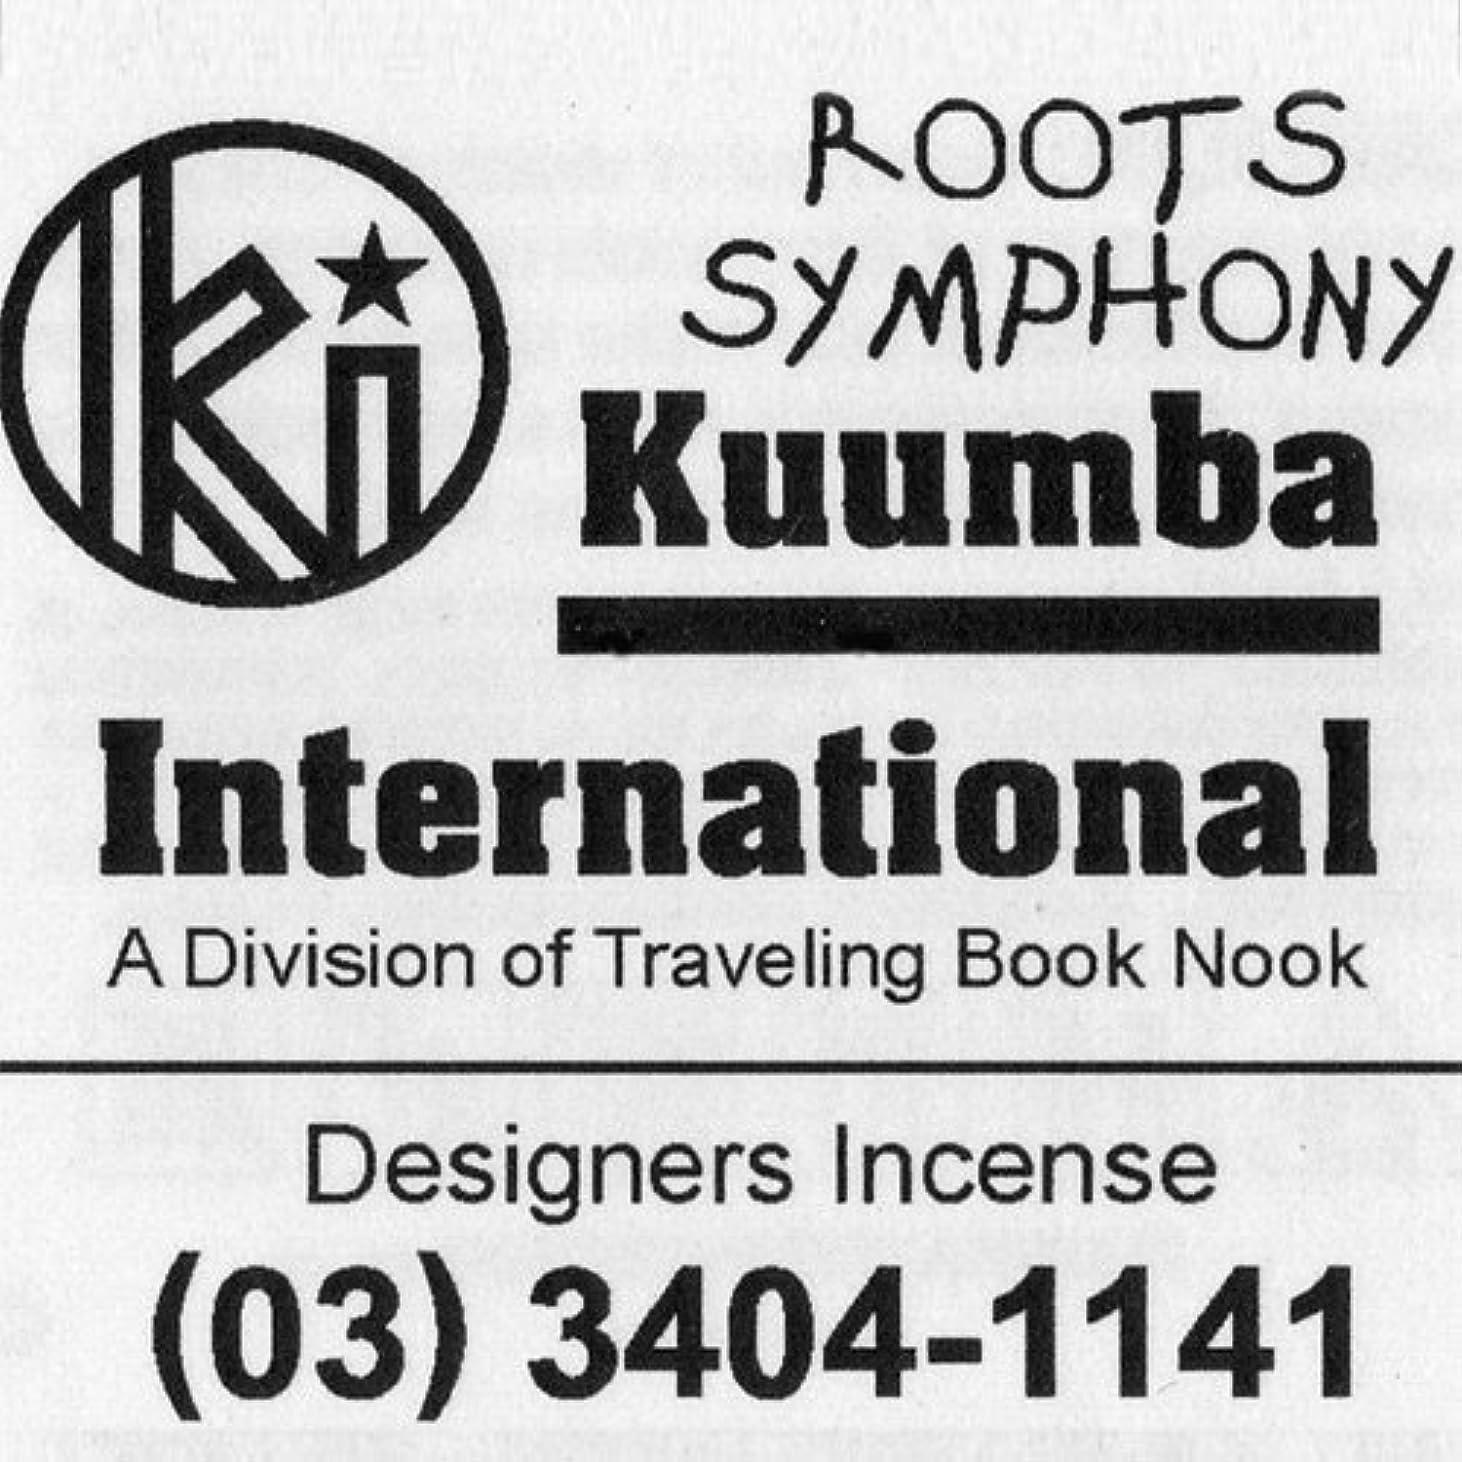 ミル任命する協会KUUMBA / クンバ『incense』(ROOTS SYMPHONY) (Regular size)